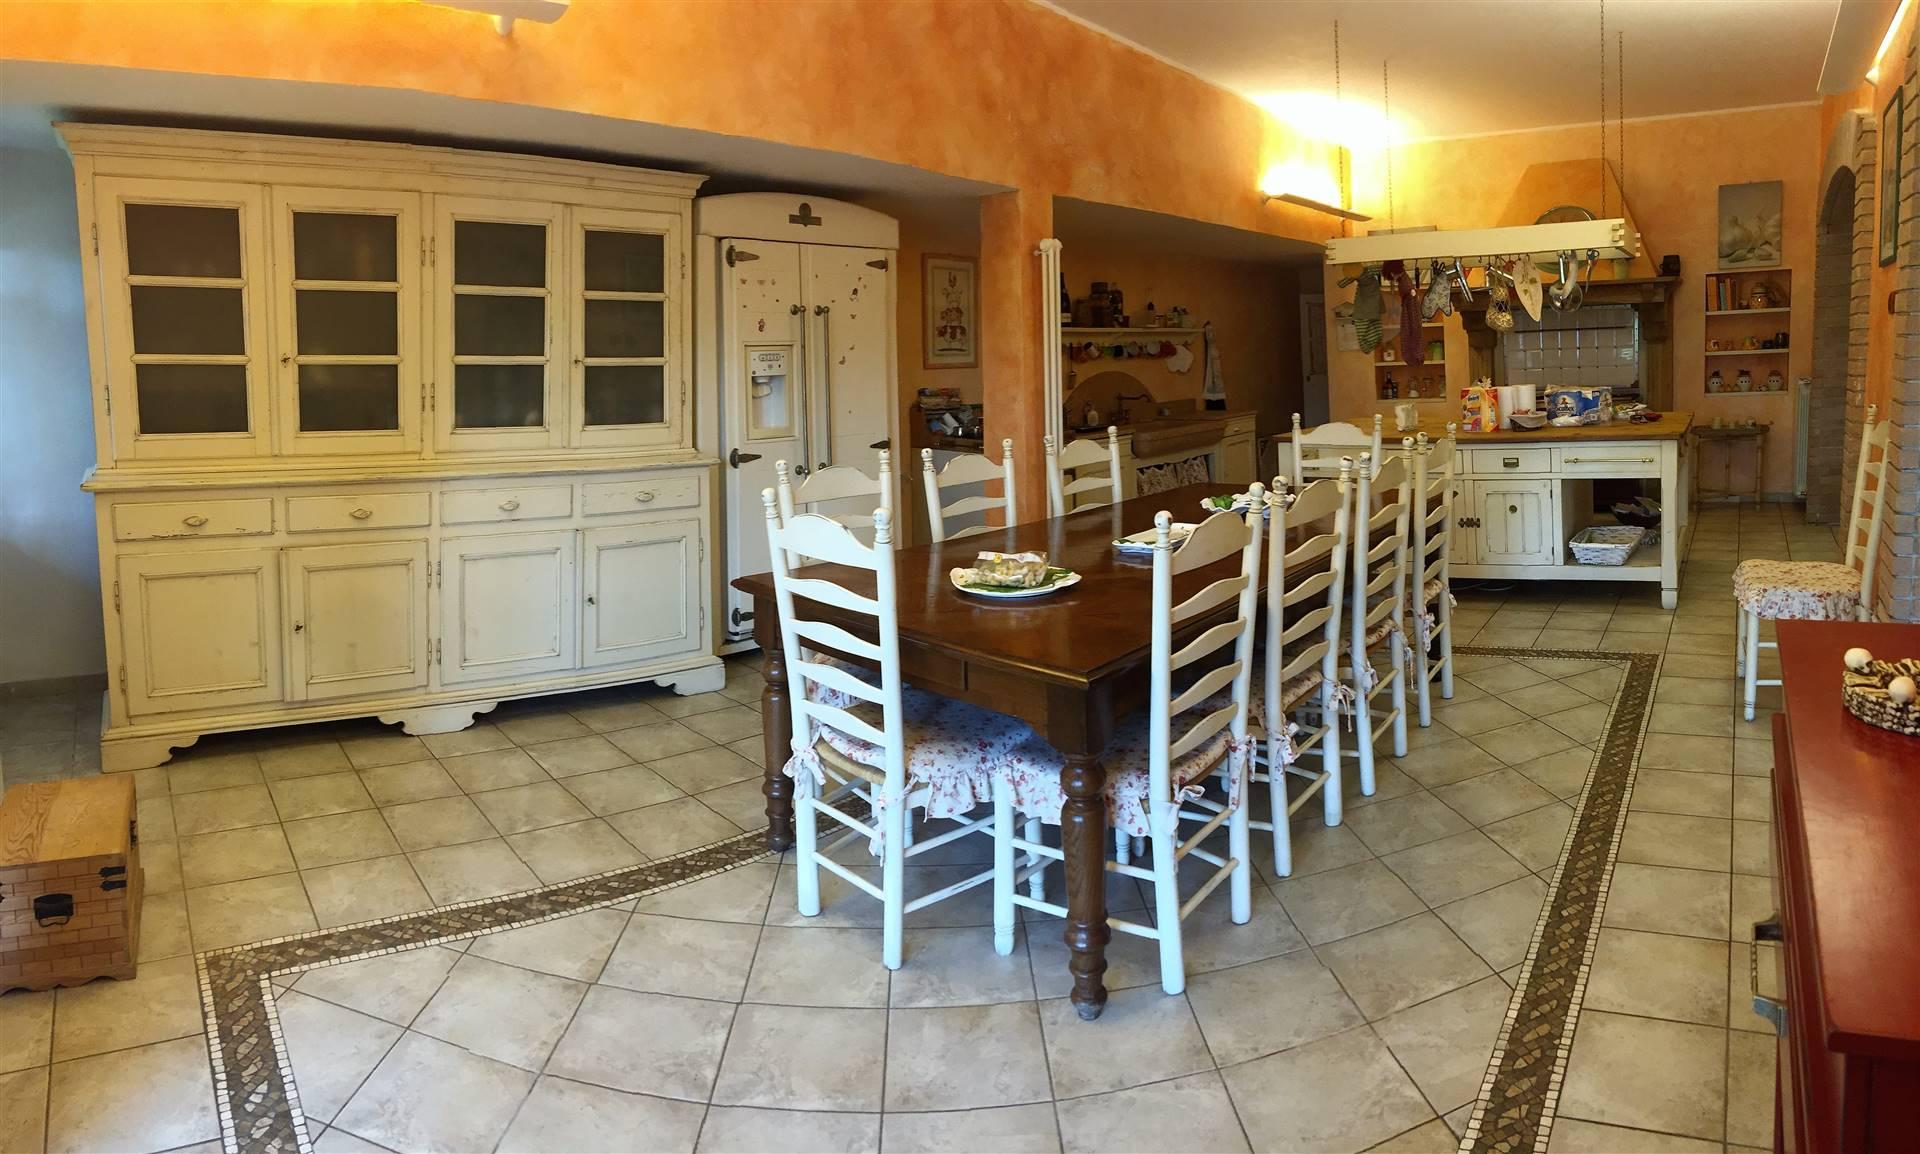 Appartamento in vendita a Riccò del Golfo di Spezia, 9 locali, zona erara, Trattative riservate   PortaleAgenzieImmobiliari.it